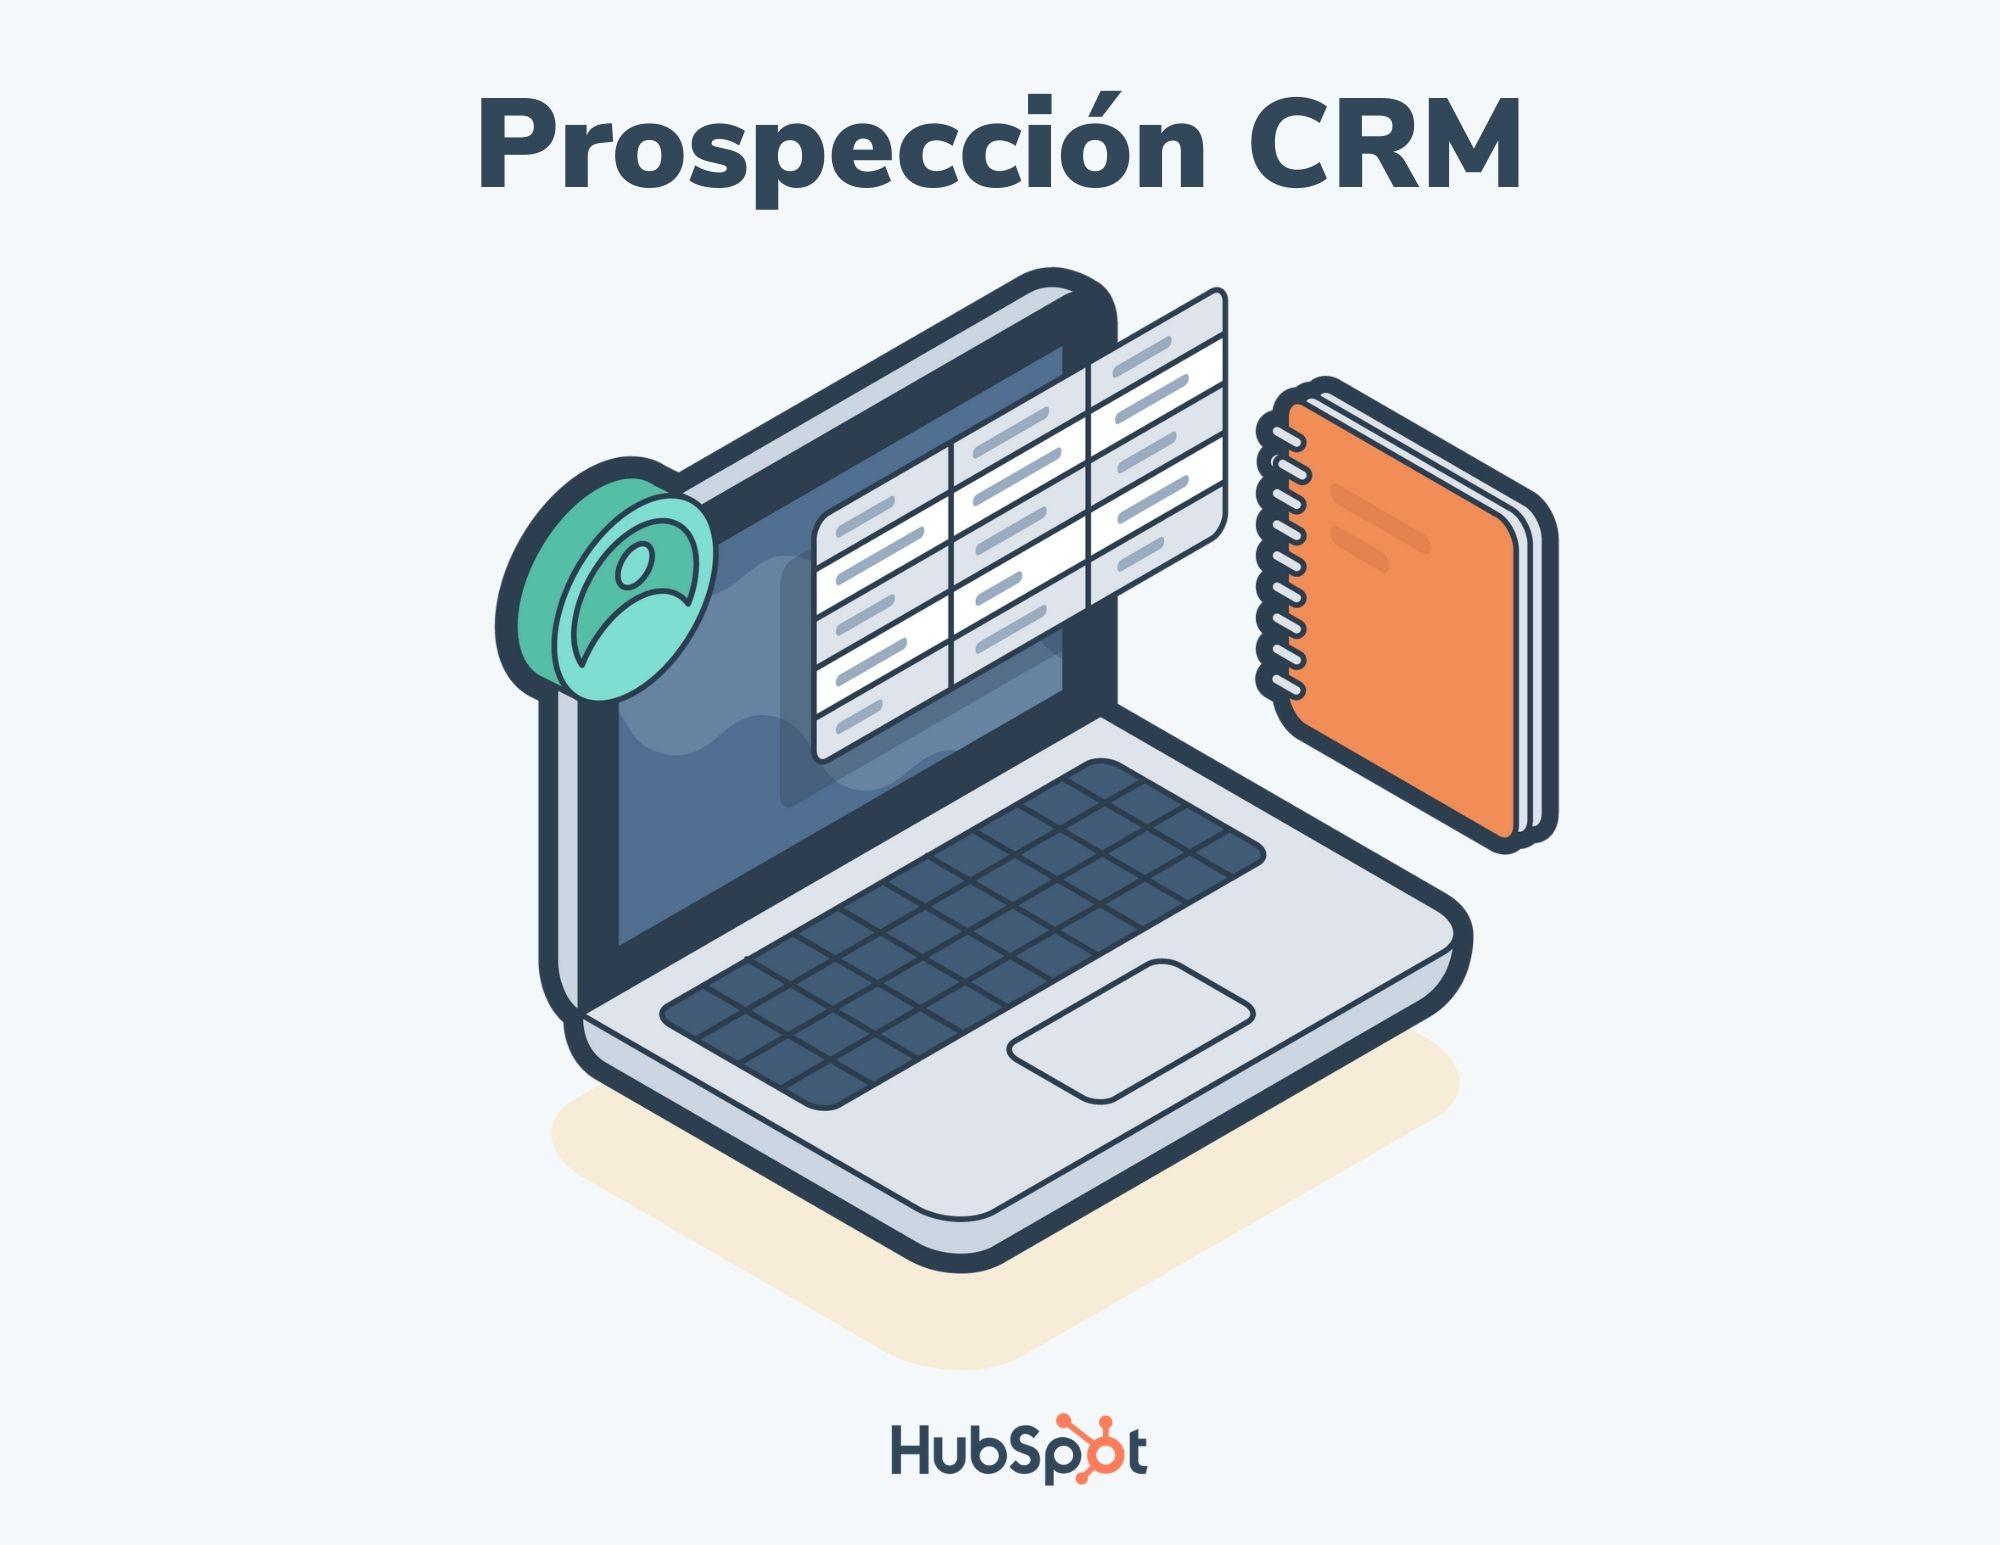 Prospección CRM